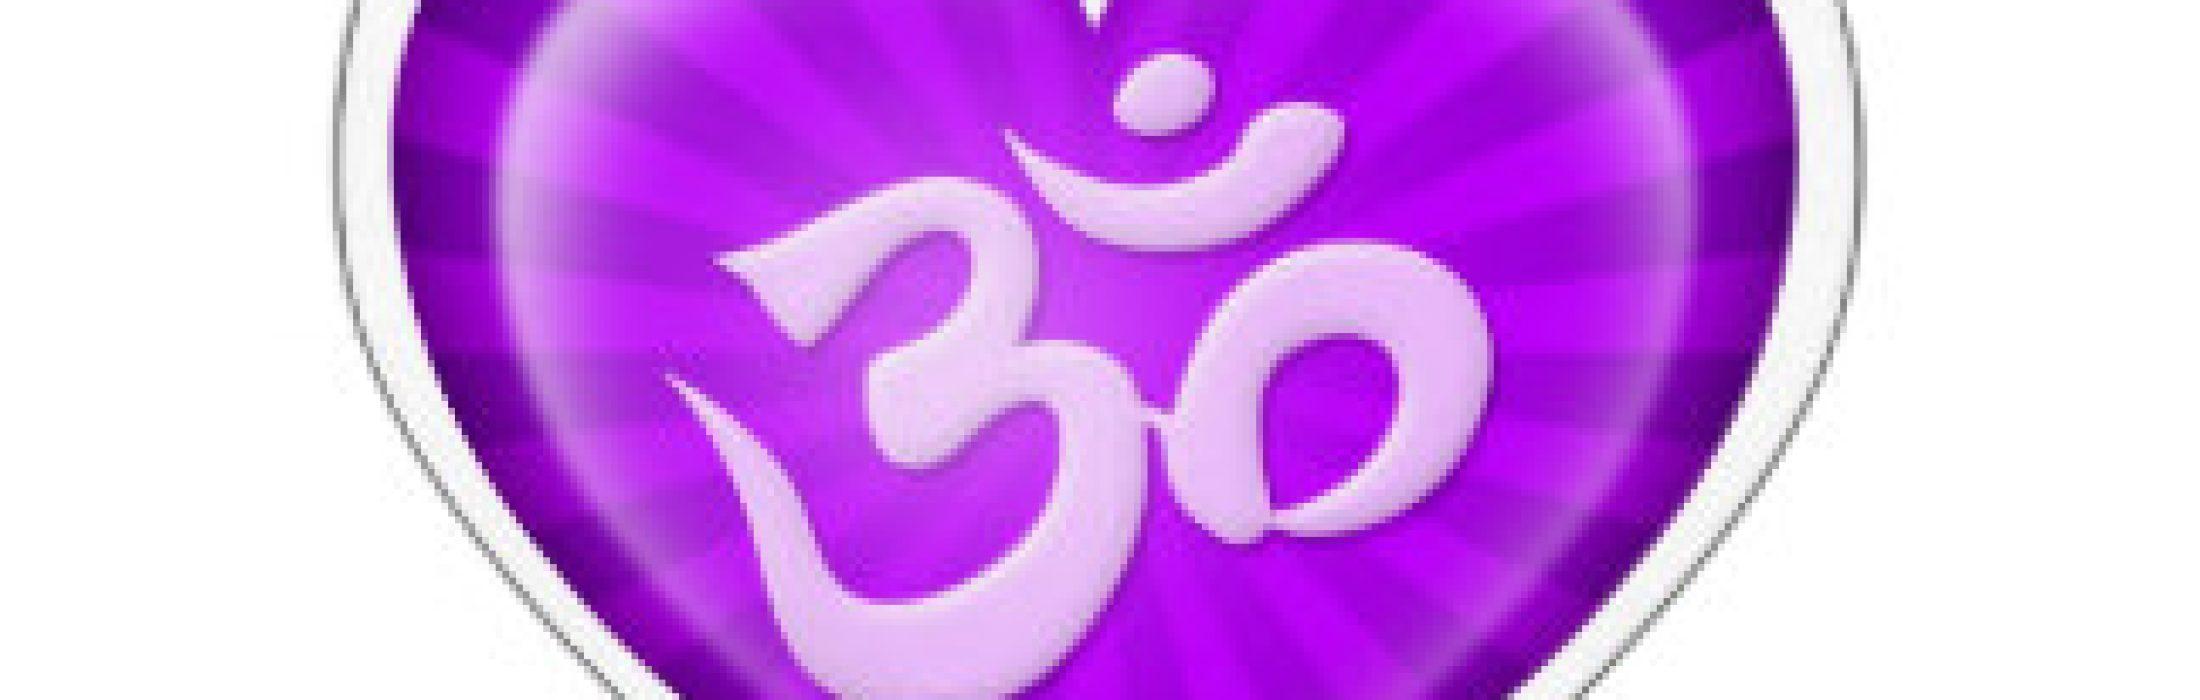 purpura_de_om_del_corazon_del_amor_de_la_yoga_en_b_pegatina-raf7a1c009d3d45d19fdbfbcfc7d75885_v9w0n_8byvr_324